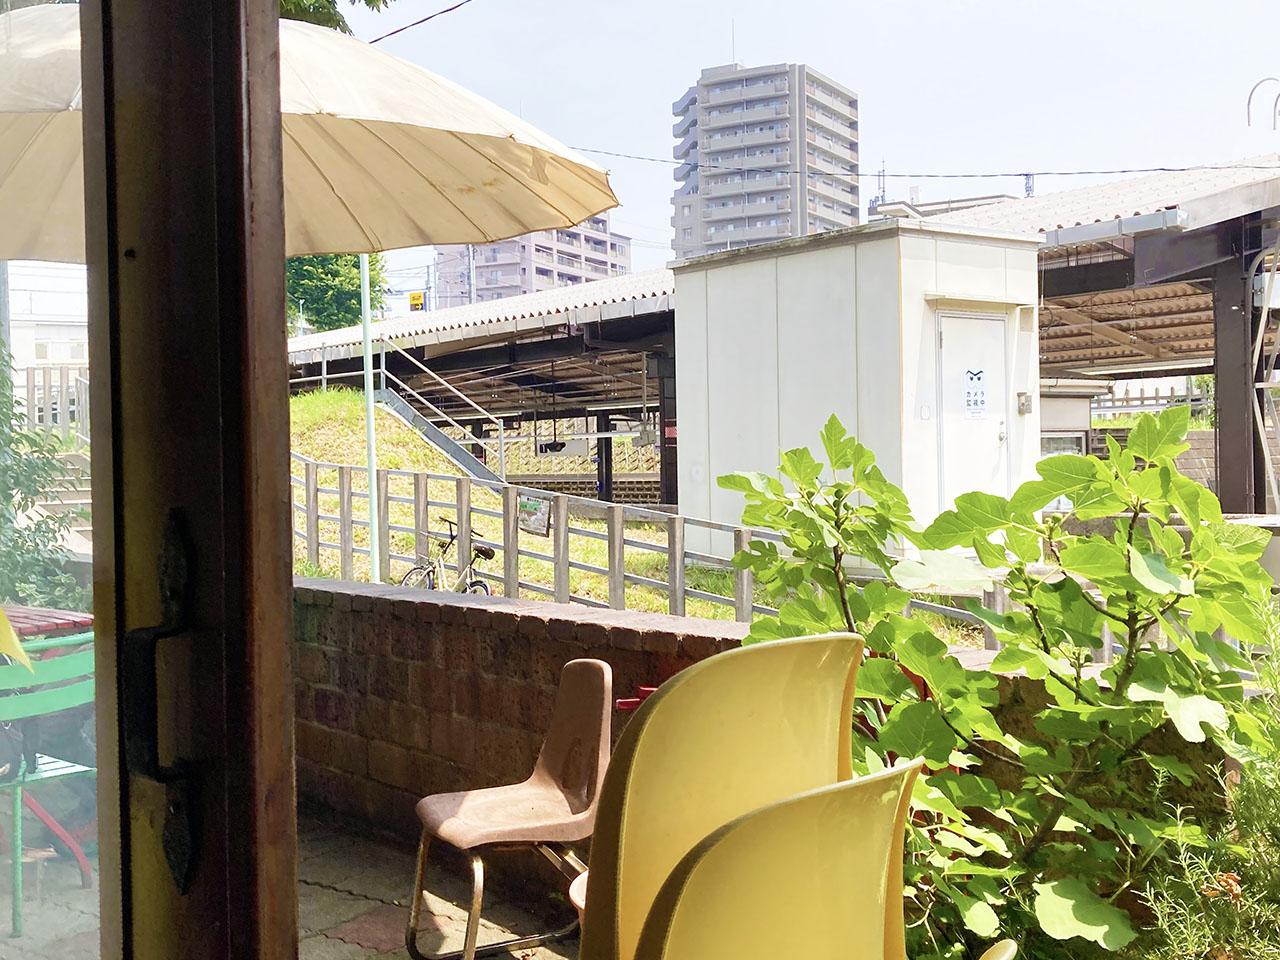 「イナキッチン」で夏ランチ♪稲城駅前の洋食屋さんのタコライスを頂いてきました♪